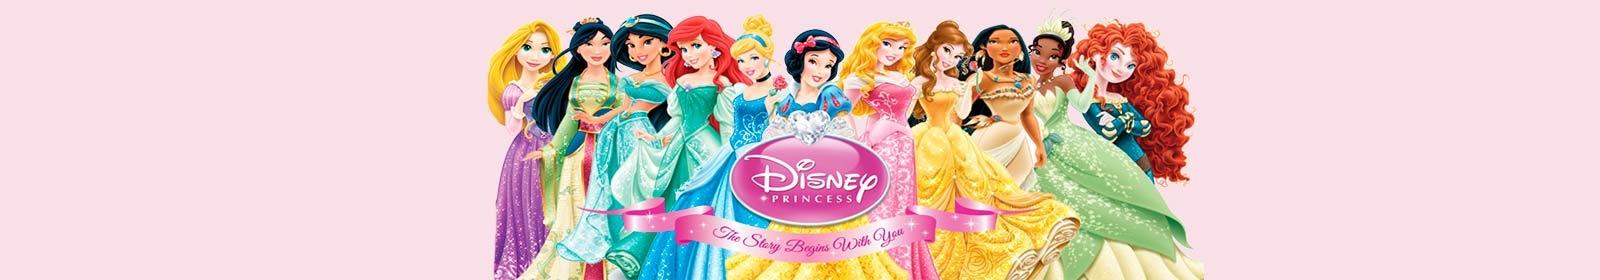 Comprar brinquedos ao princesas disney